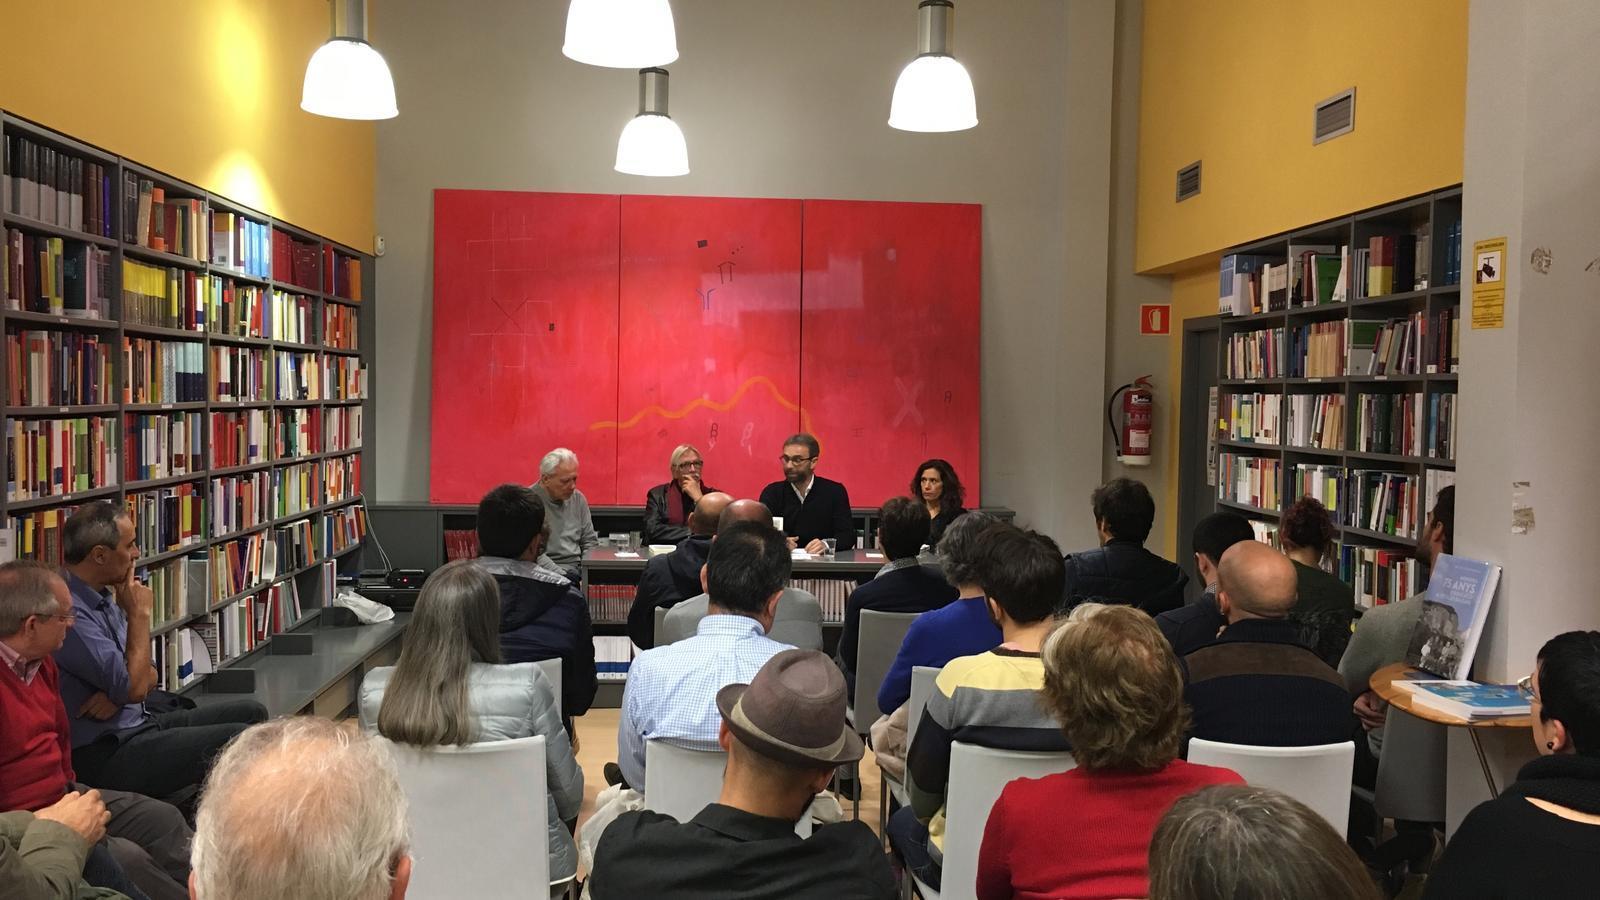 Presentació del llibre 'Restes d'arquitectura i de crítica de la cultura' de Josep Quetglas a la llibreria Quars de Palma.